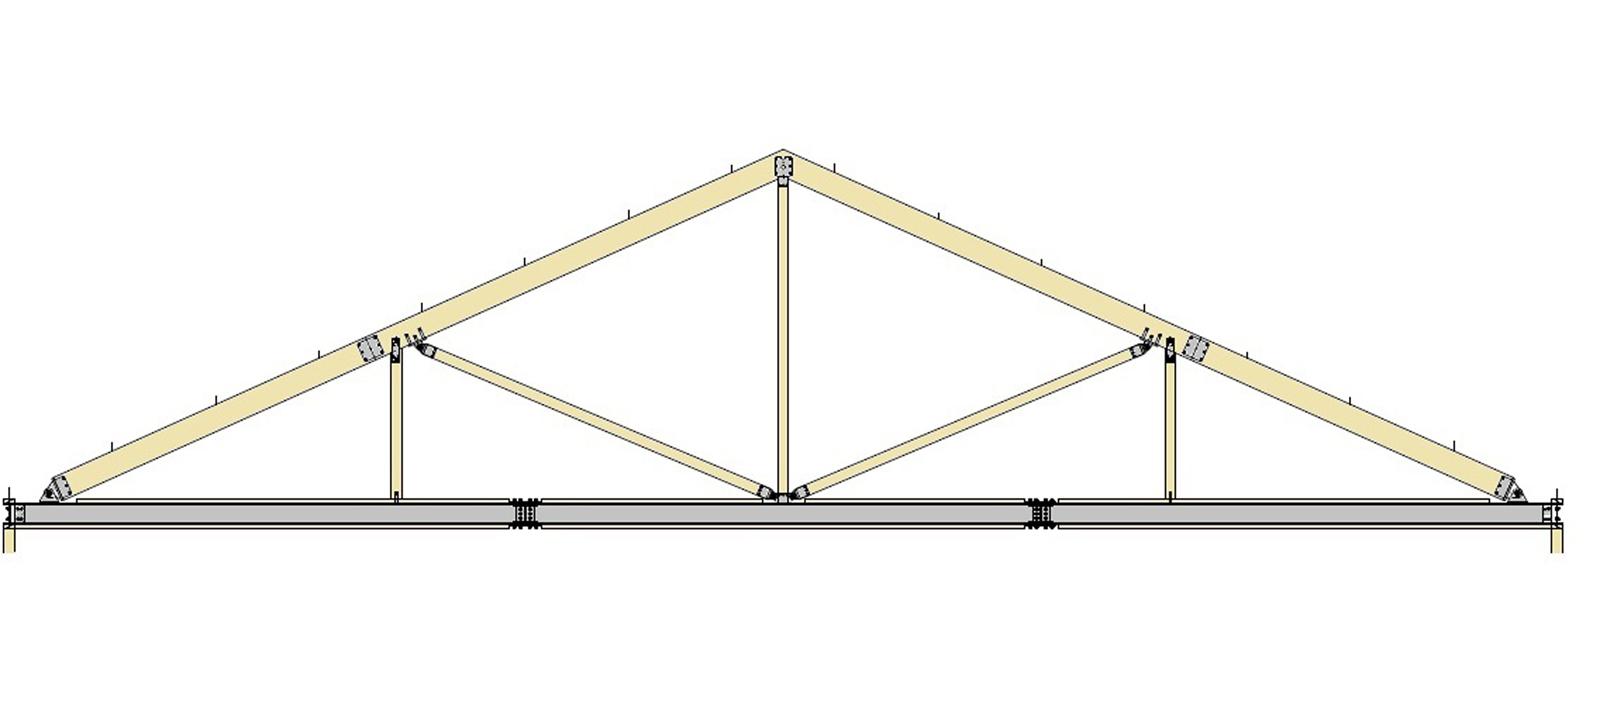 テクノストラクチャー専用のトラス系屋根フレーム構造 ...